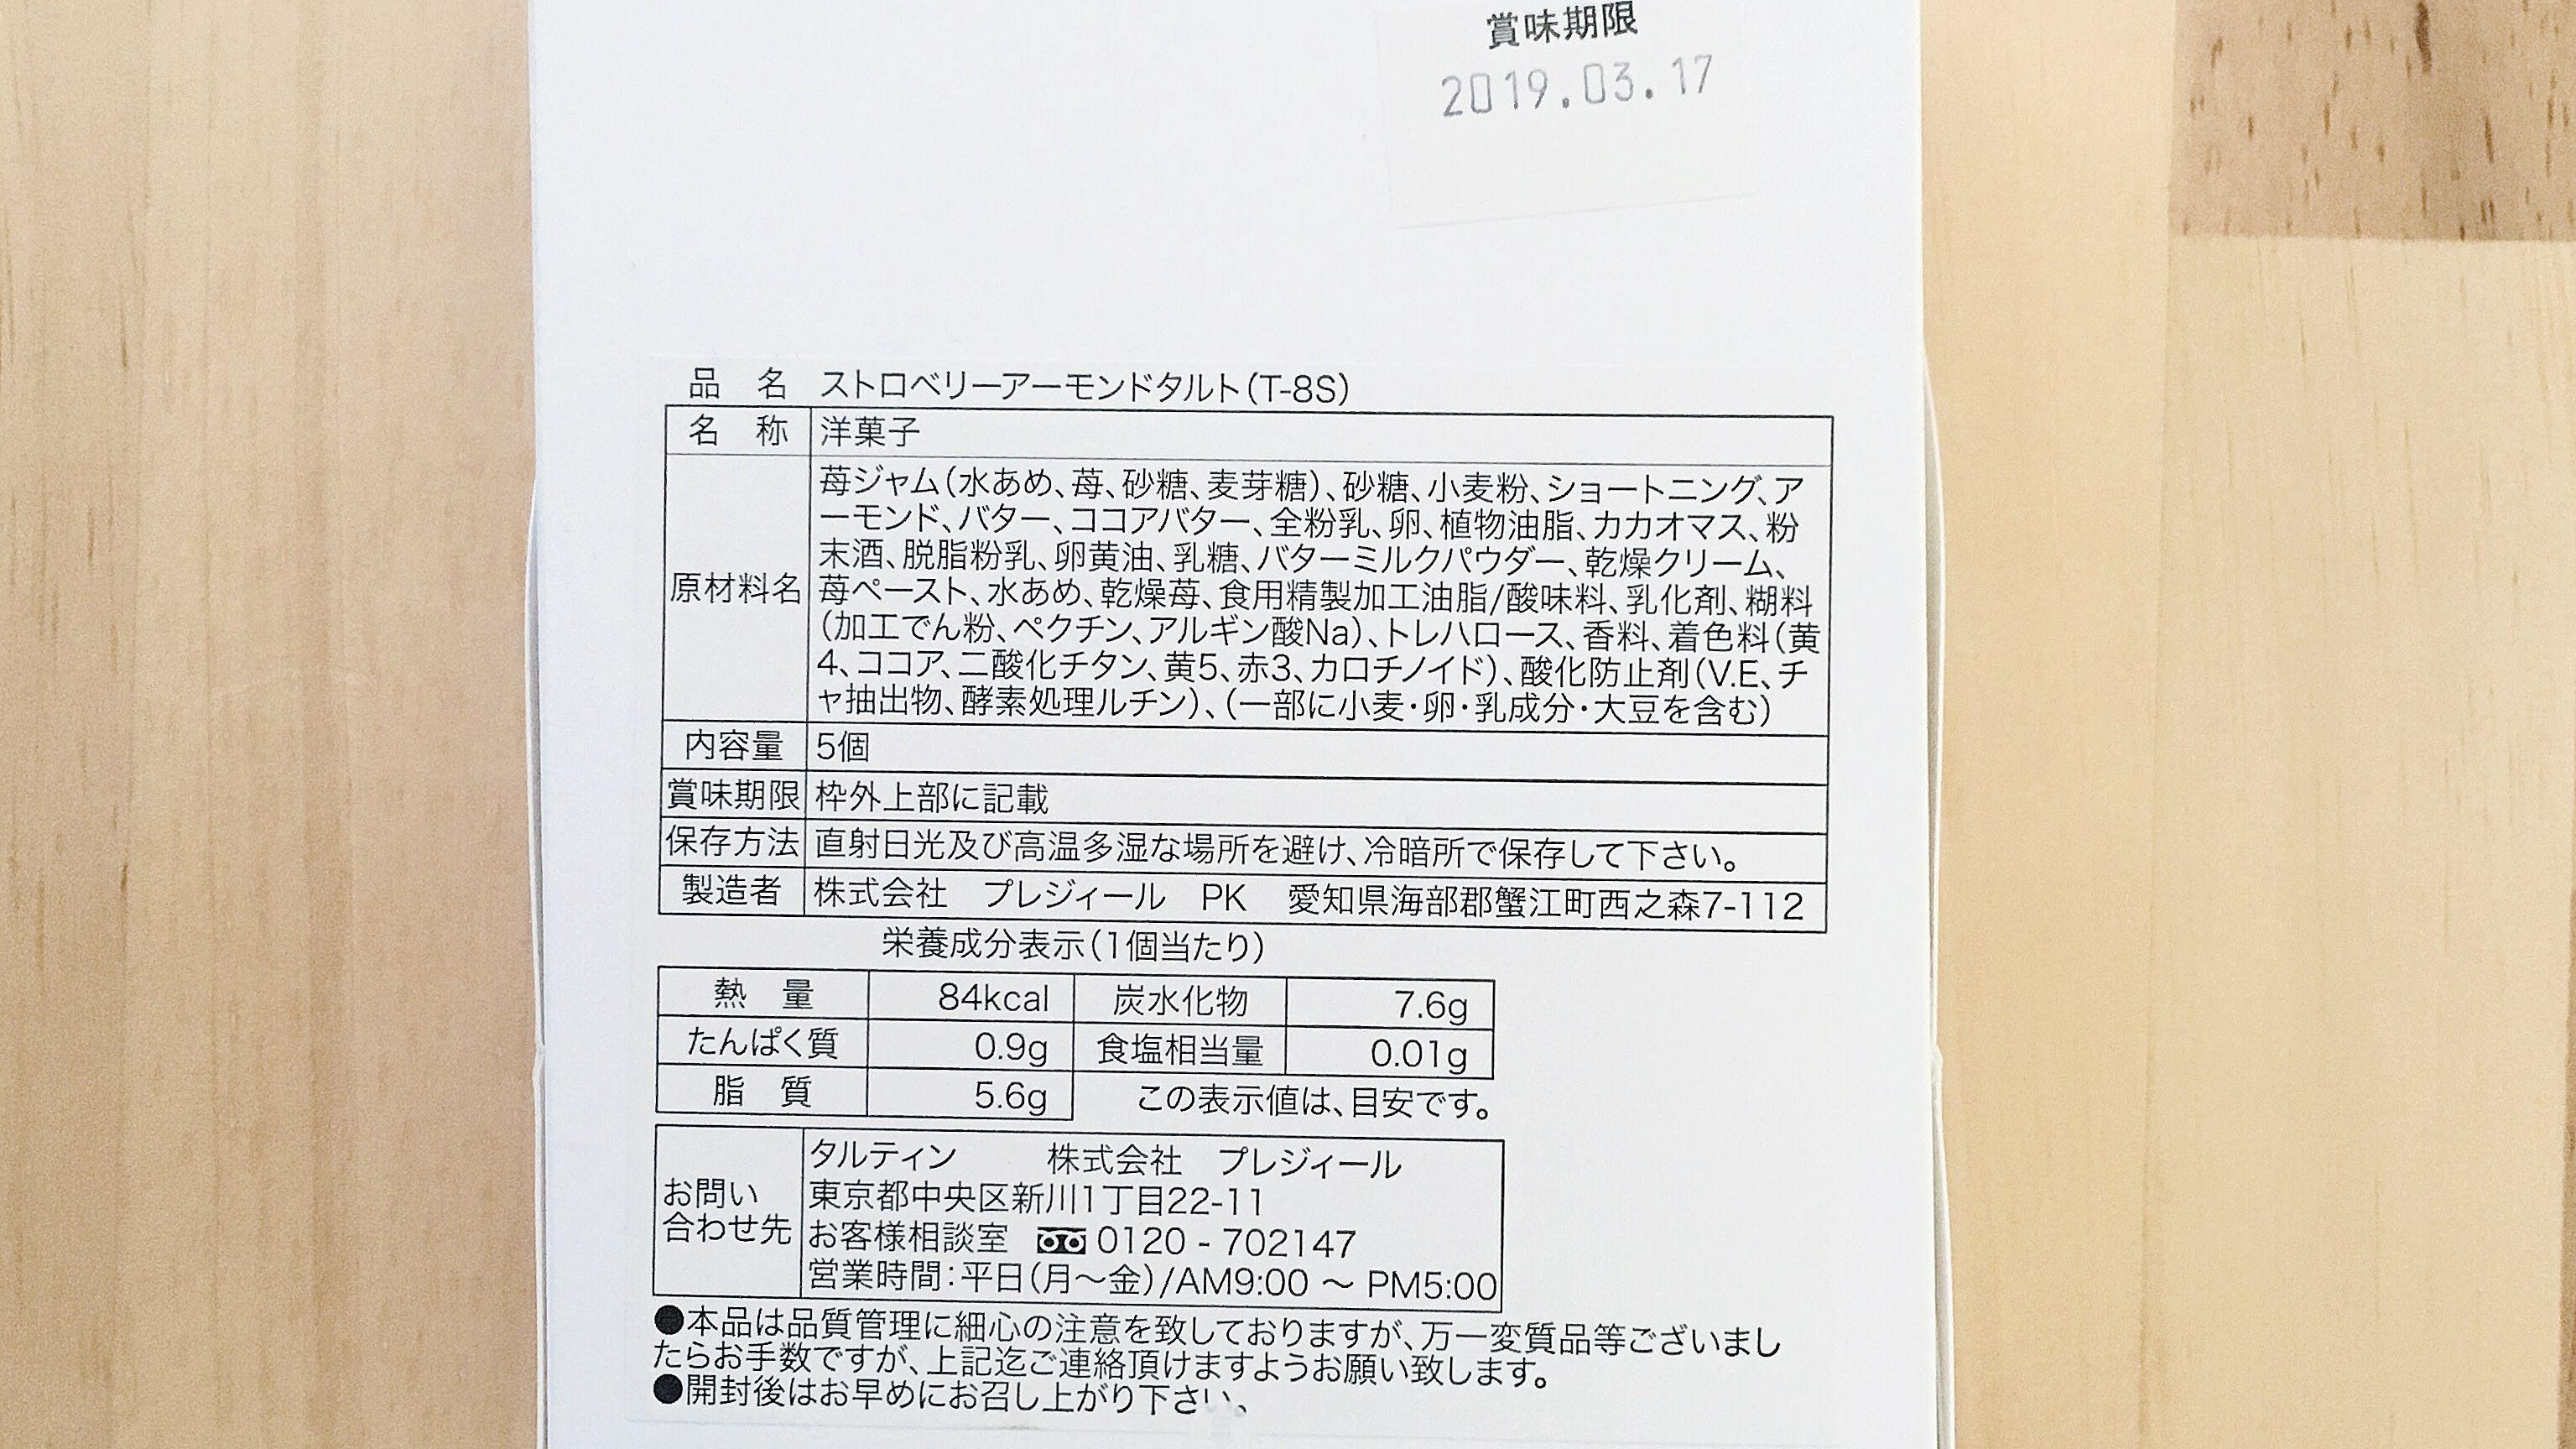 タルティン(Tartine)のストロベリーアーモンドタルトの製品表示と賞味期限